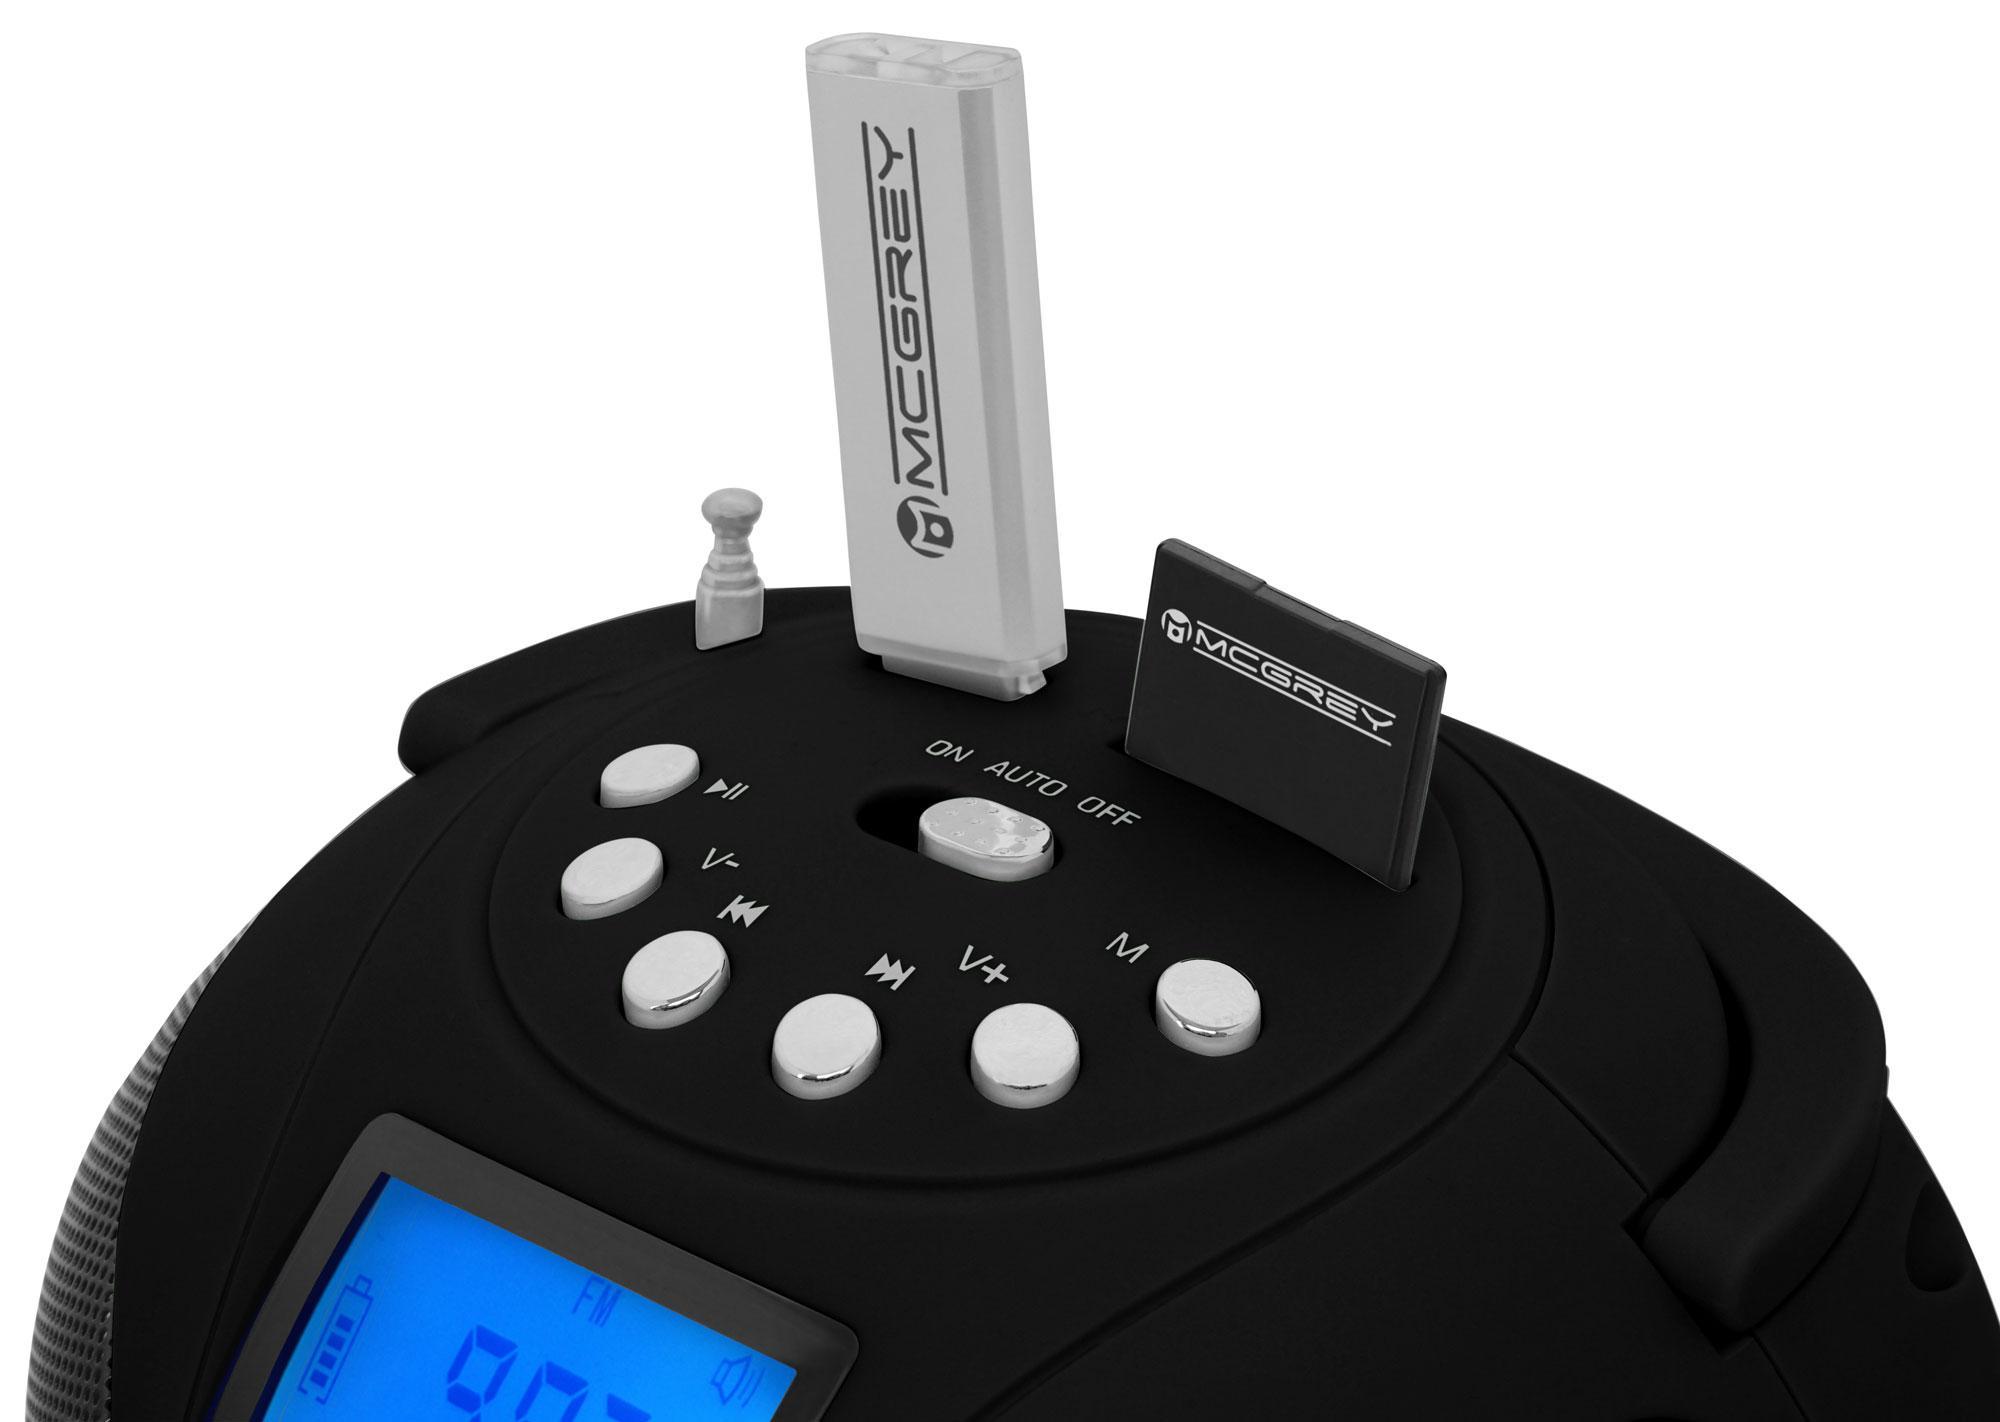 mcgrey boombox mc 50bt bk bluetooth lautsprecher mit usb sd slots und fm radio schwarz. Black Bedroom Furniture Sets. Home Design Ideas